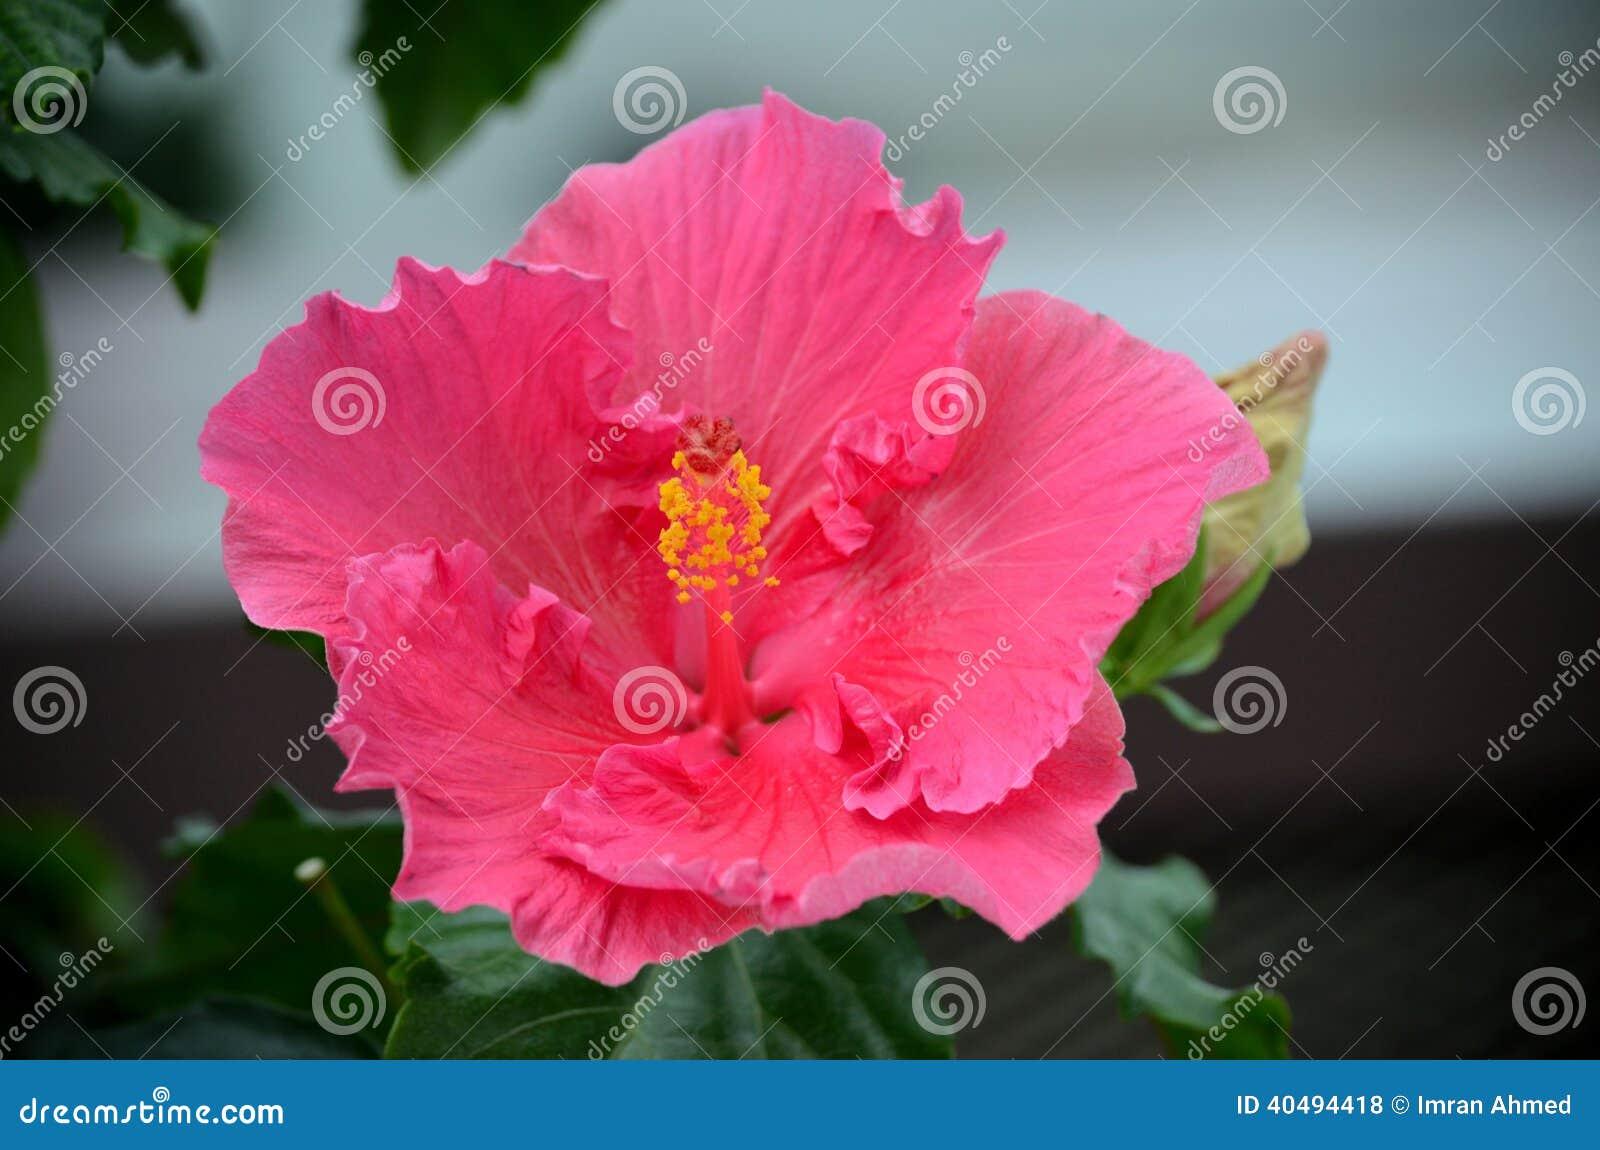 fin rose foncée de fleur avec l'étamine et les pistils photo stock